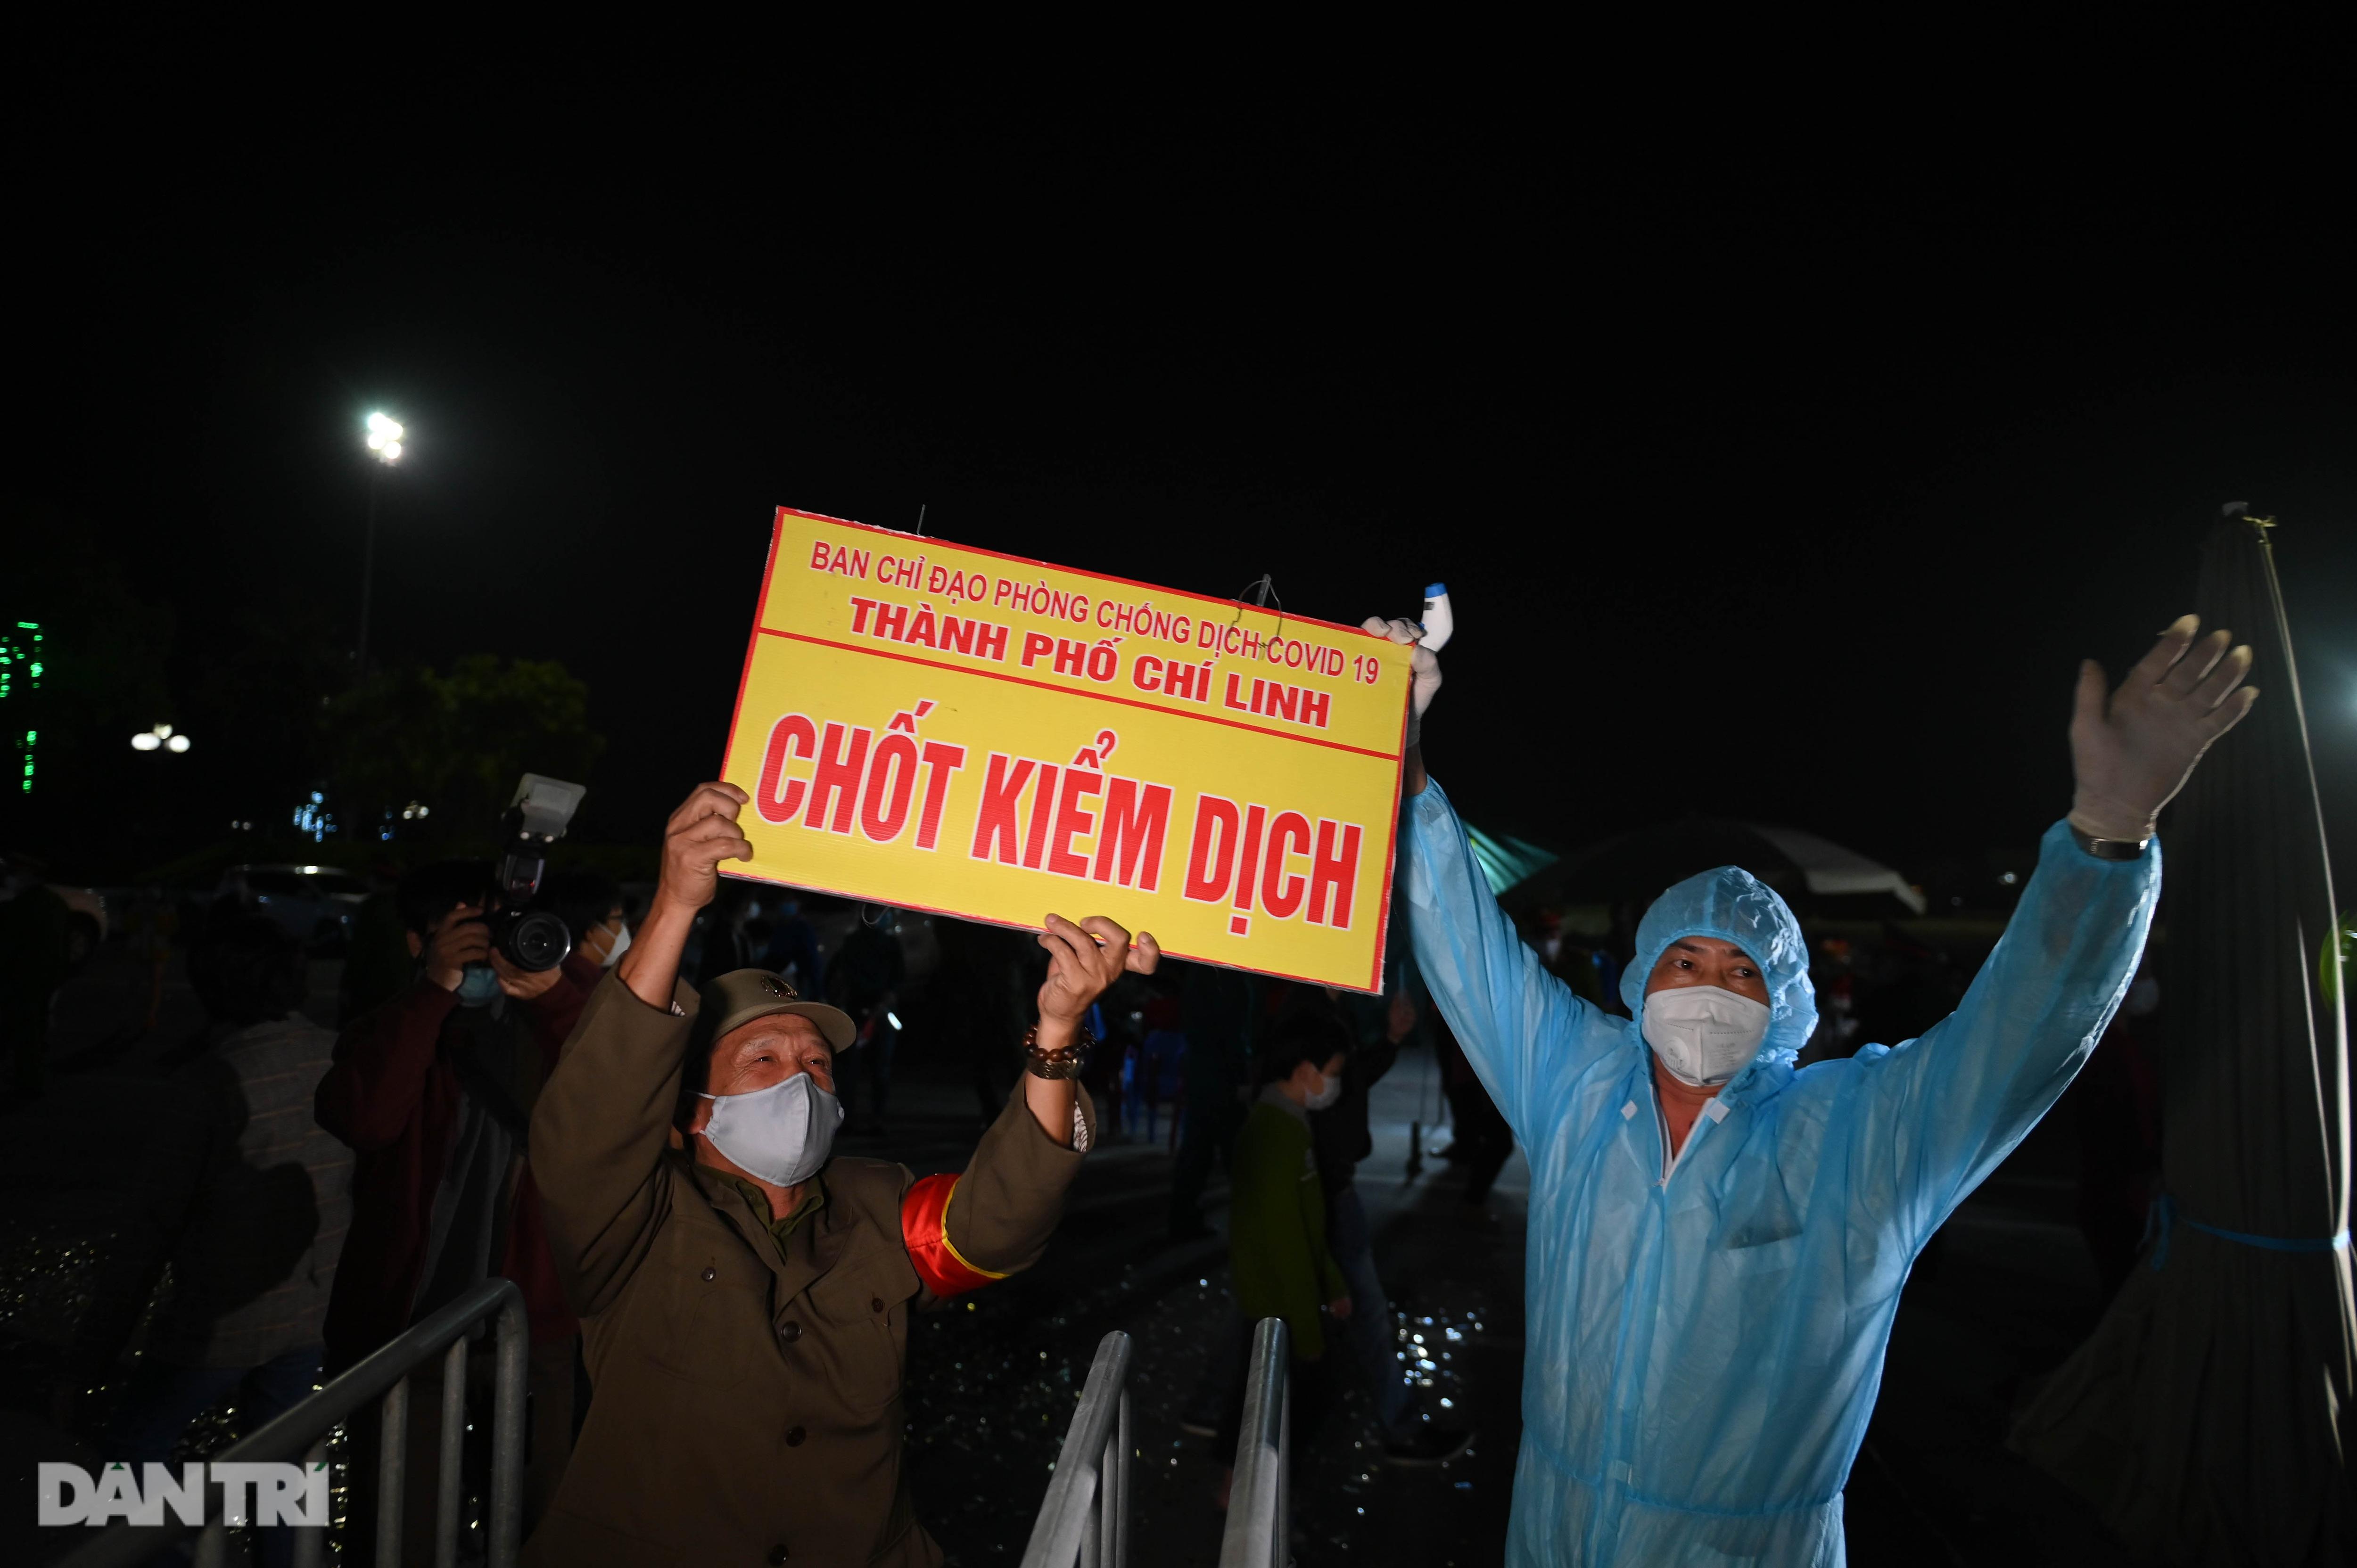 Cờ hoa rực rỡ, người dân vỡ òa cảm xúc khi TP Chí Linh được gỡ phong tỏa - 9